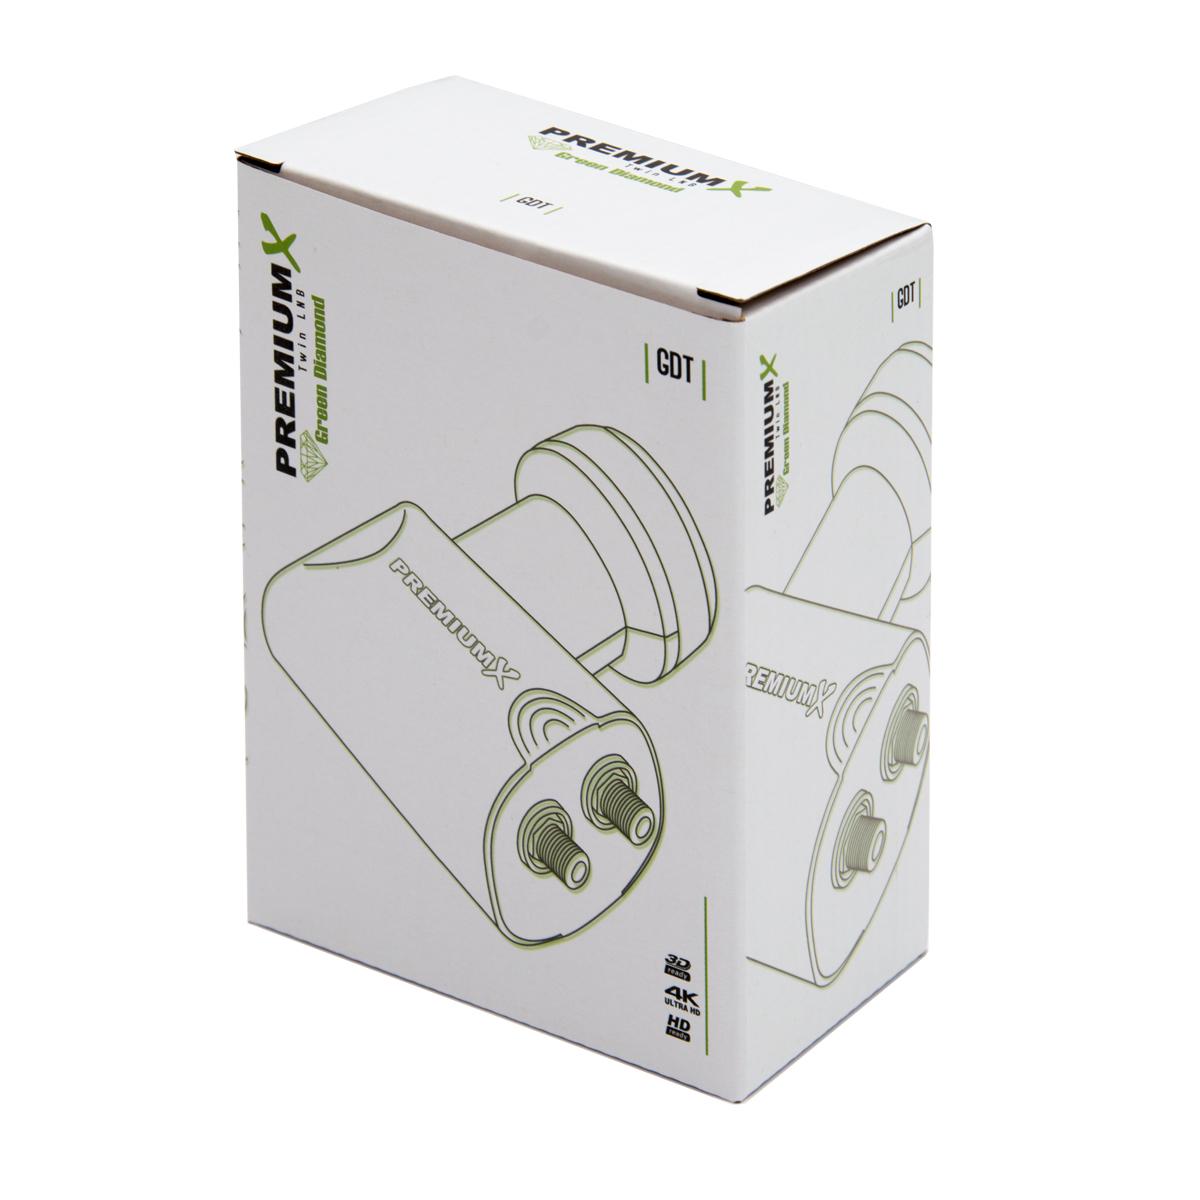 PremiumX Twin LNB GDT 0,1 dB Digital Sat Empfangskopf  Schwarz für 2 Teilnehmer  mit Wetterschutz HDTV Full HD UltraHD 3D 4K